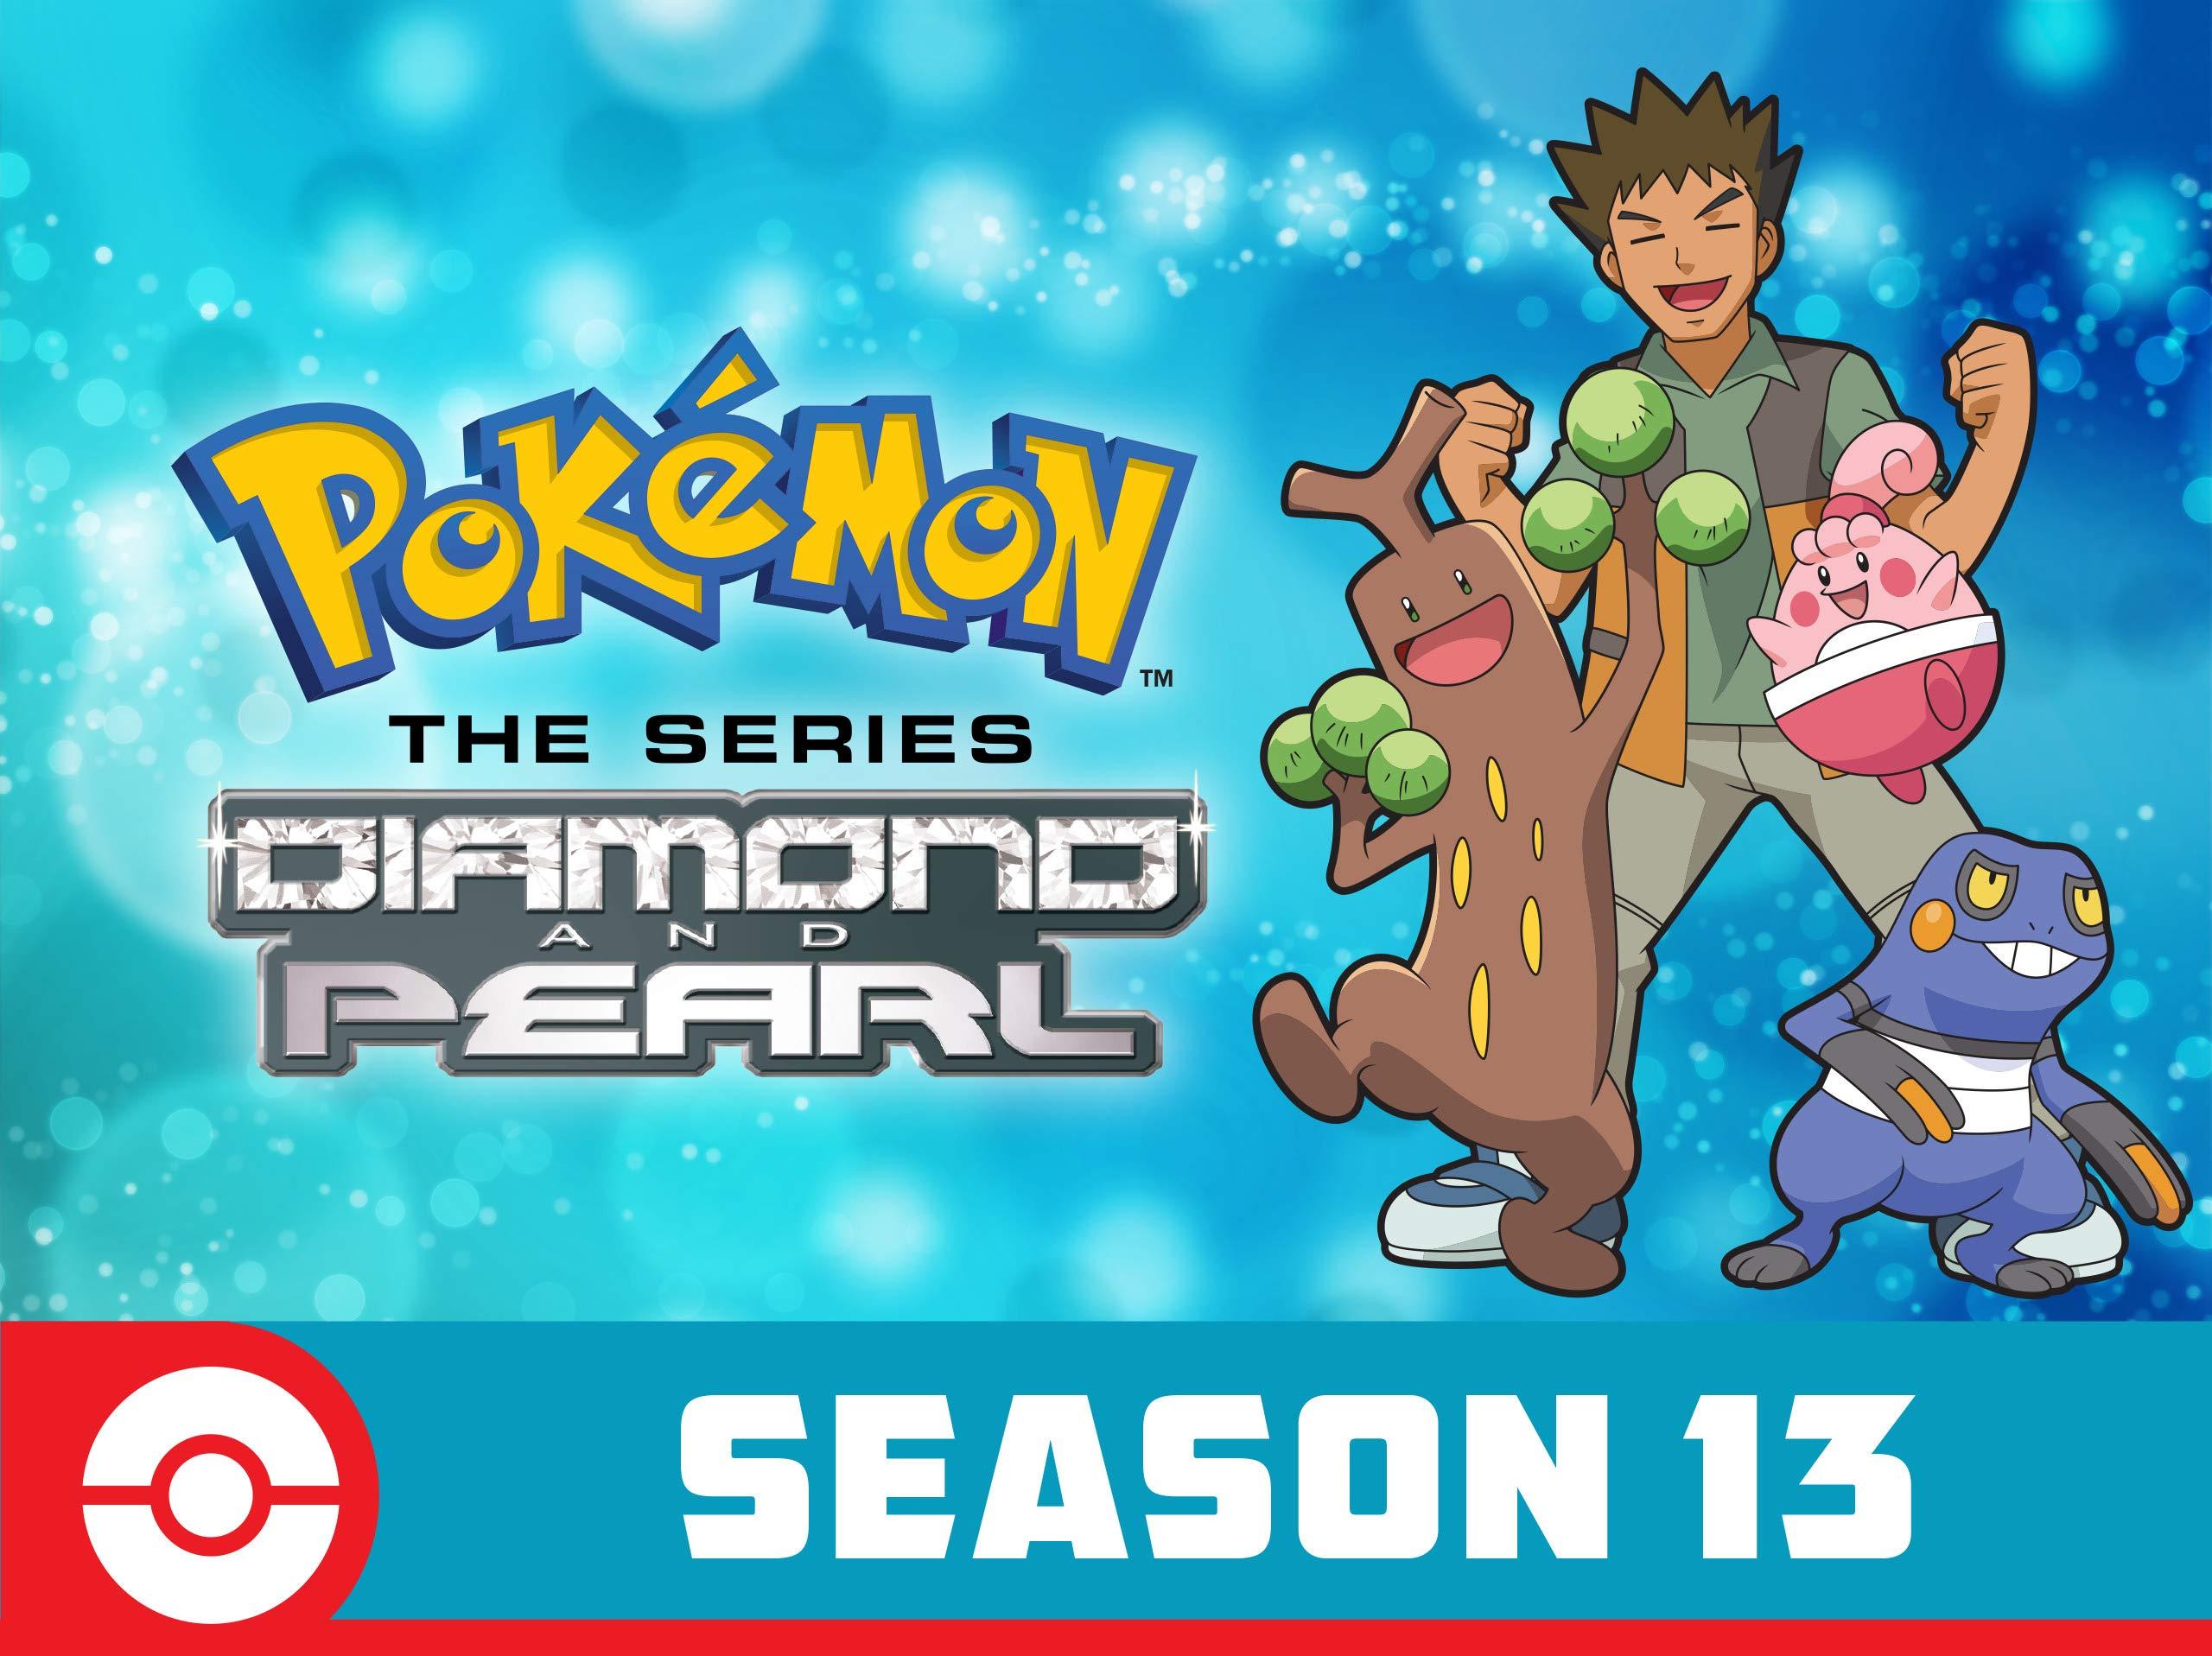 Pokémon the Series: Diamond and Pearl - Season 13